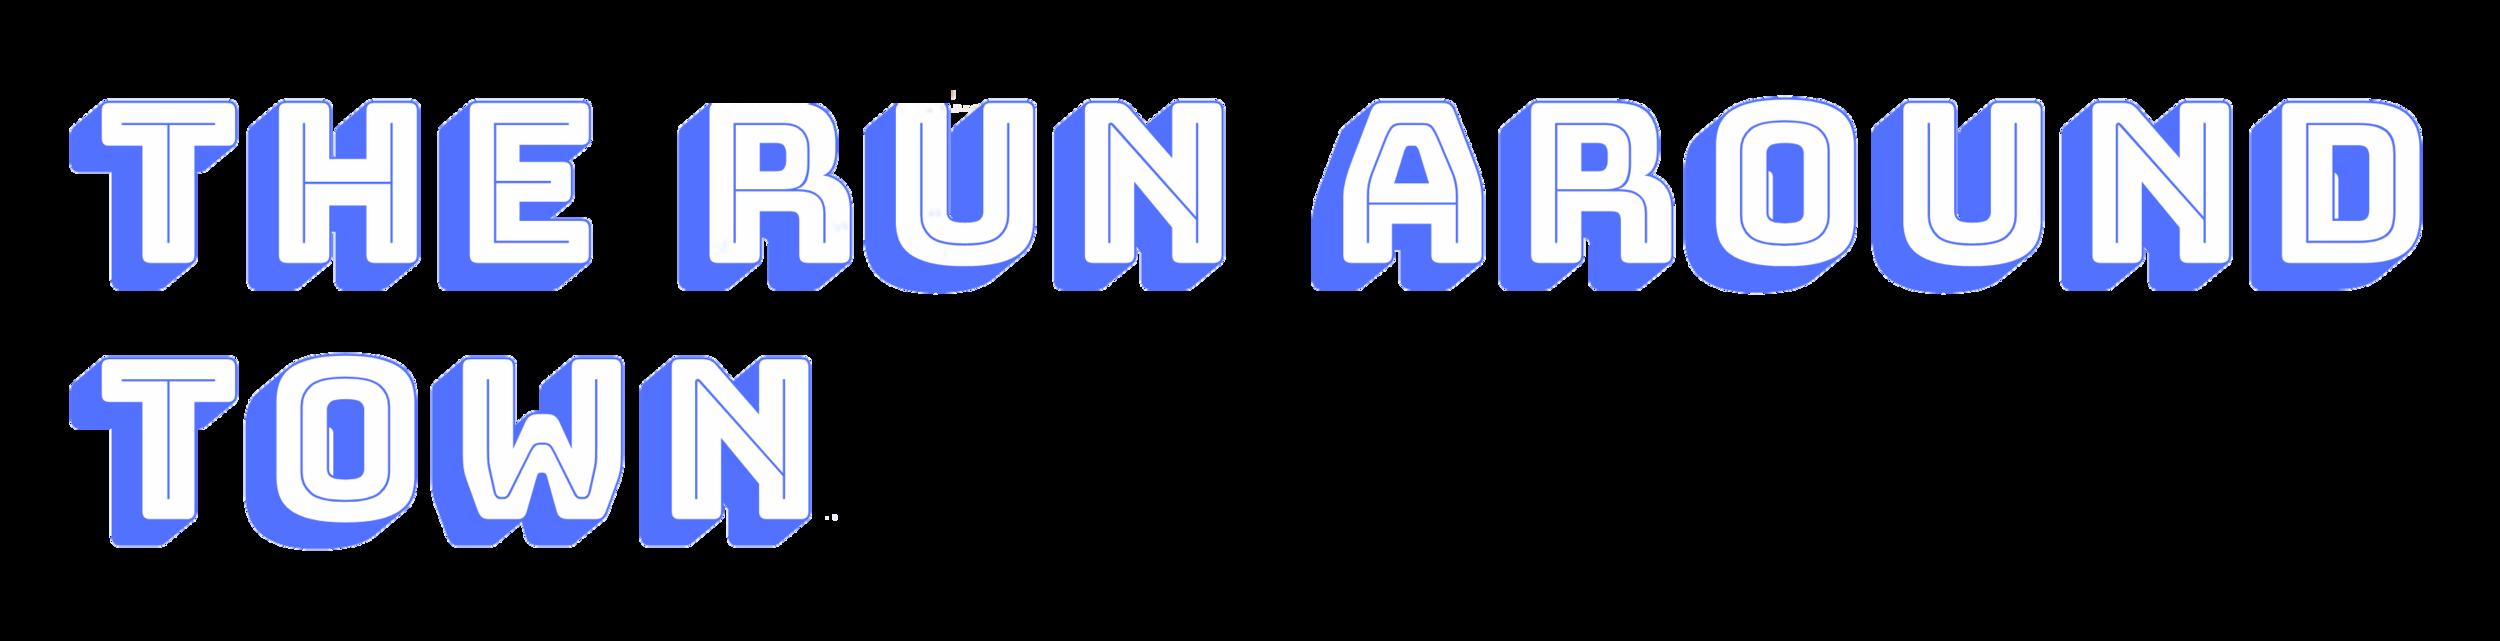 runaroundtext.png